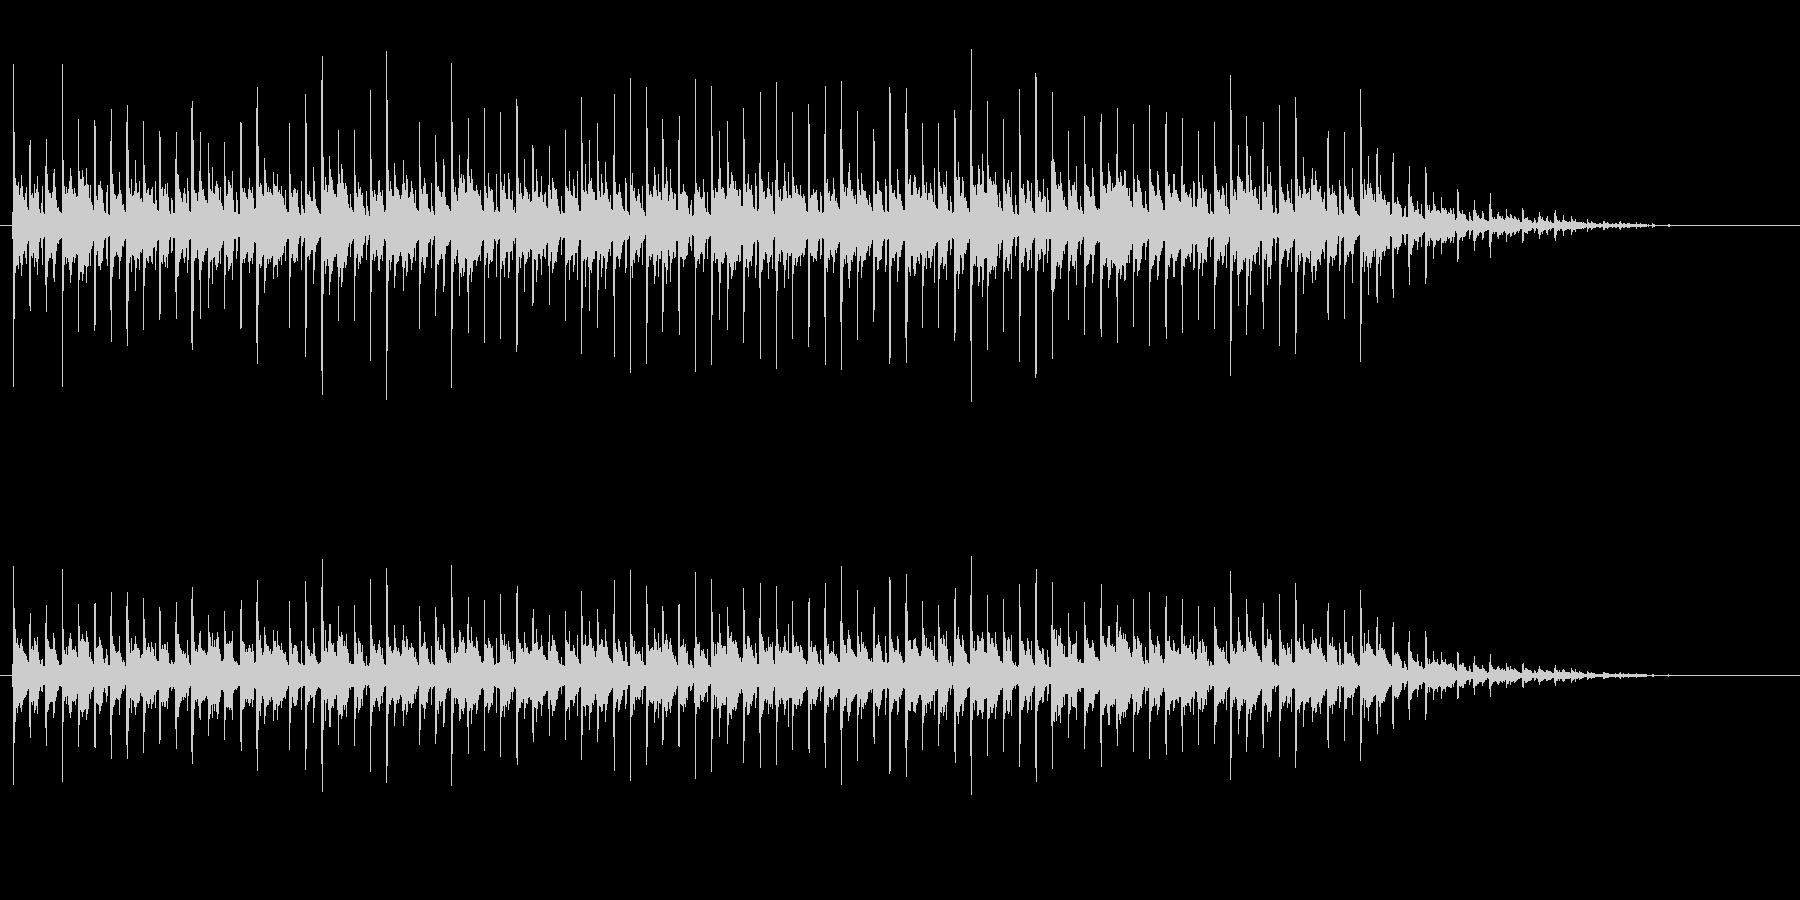 キラキラした日常系エレクトロニカの未再生の波形